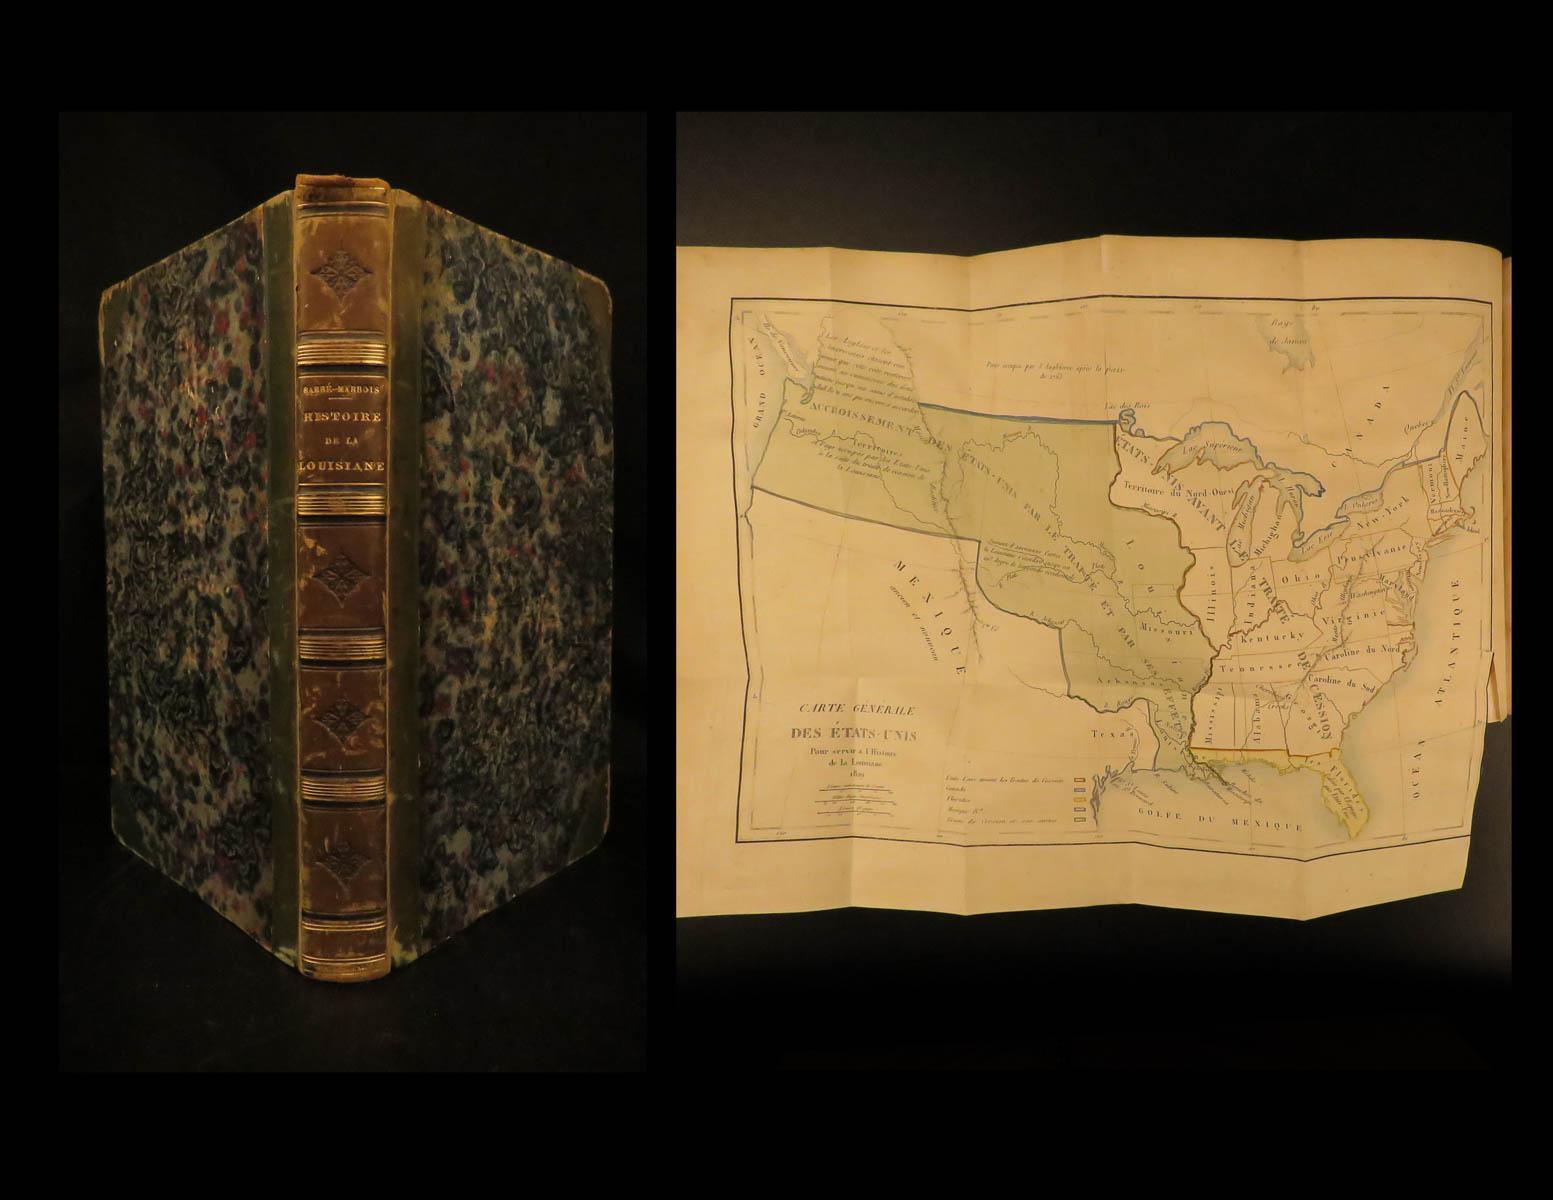 Comment Faire Un Bucher En Bois vialibri ~ rare books from 1829 - page 5